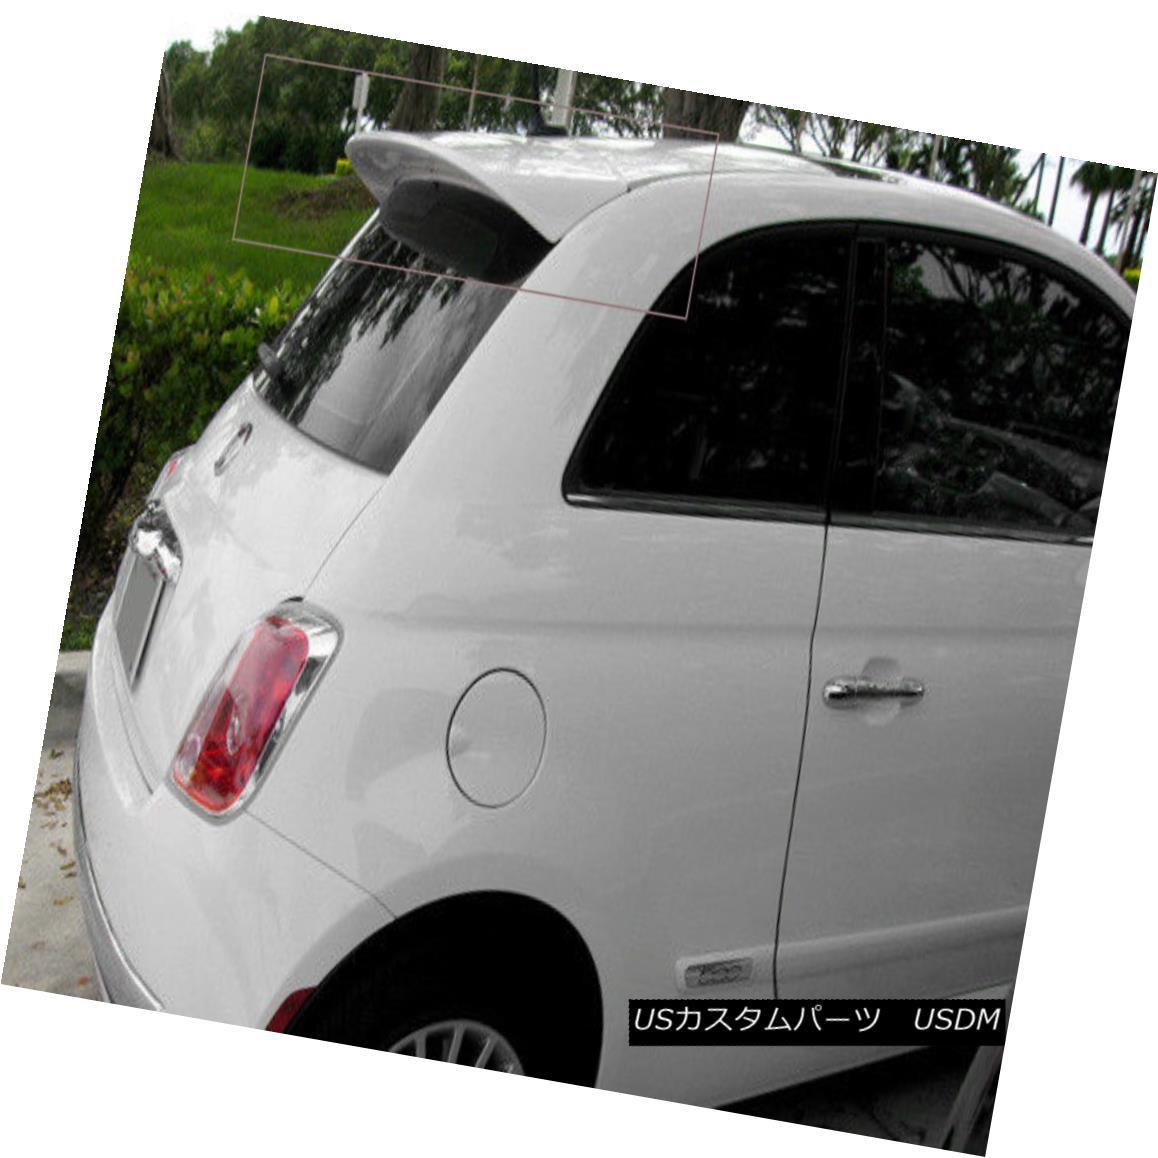 エアロパーツ FIAT 500 (from 2007) ABARTH LOOK REAR ROOF /TRUNK / SPOILER FIAT 500(2007年より)ABARTH LOOK REAR ROOF / TRUNK / SPOILER